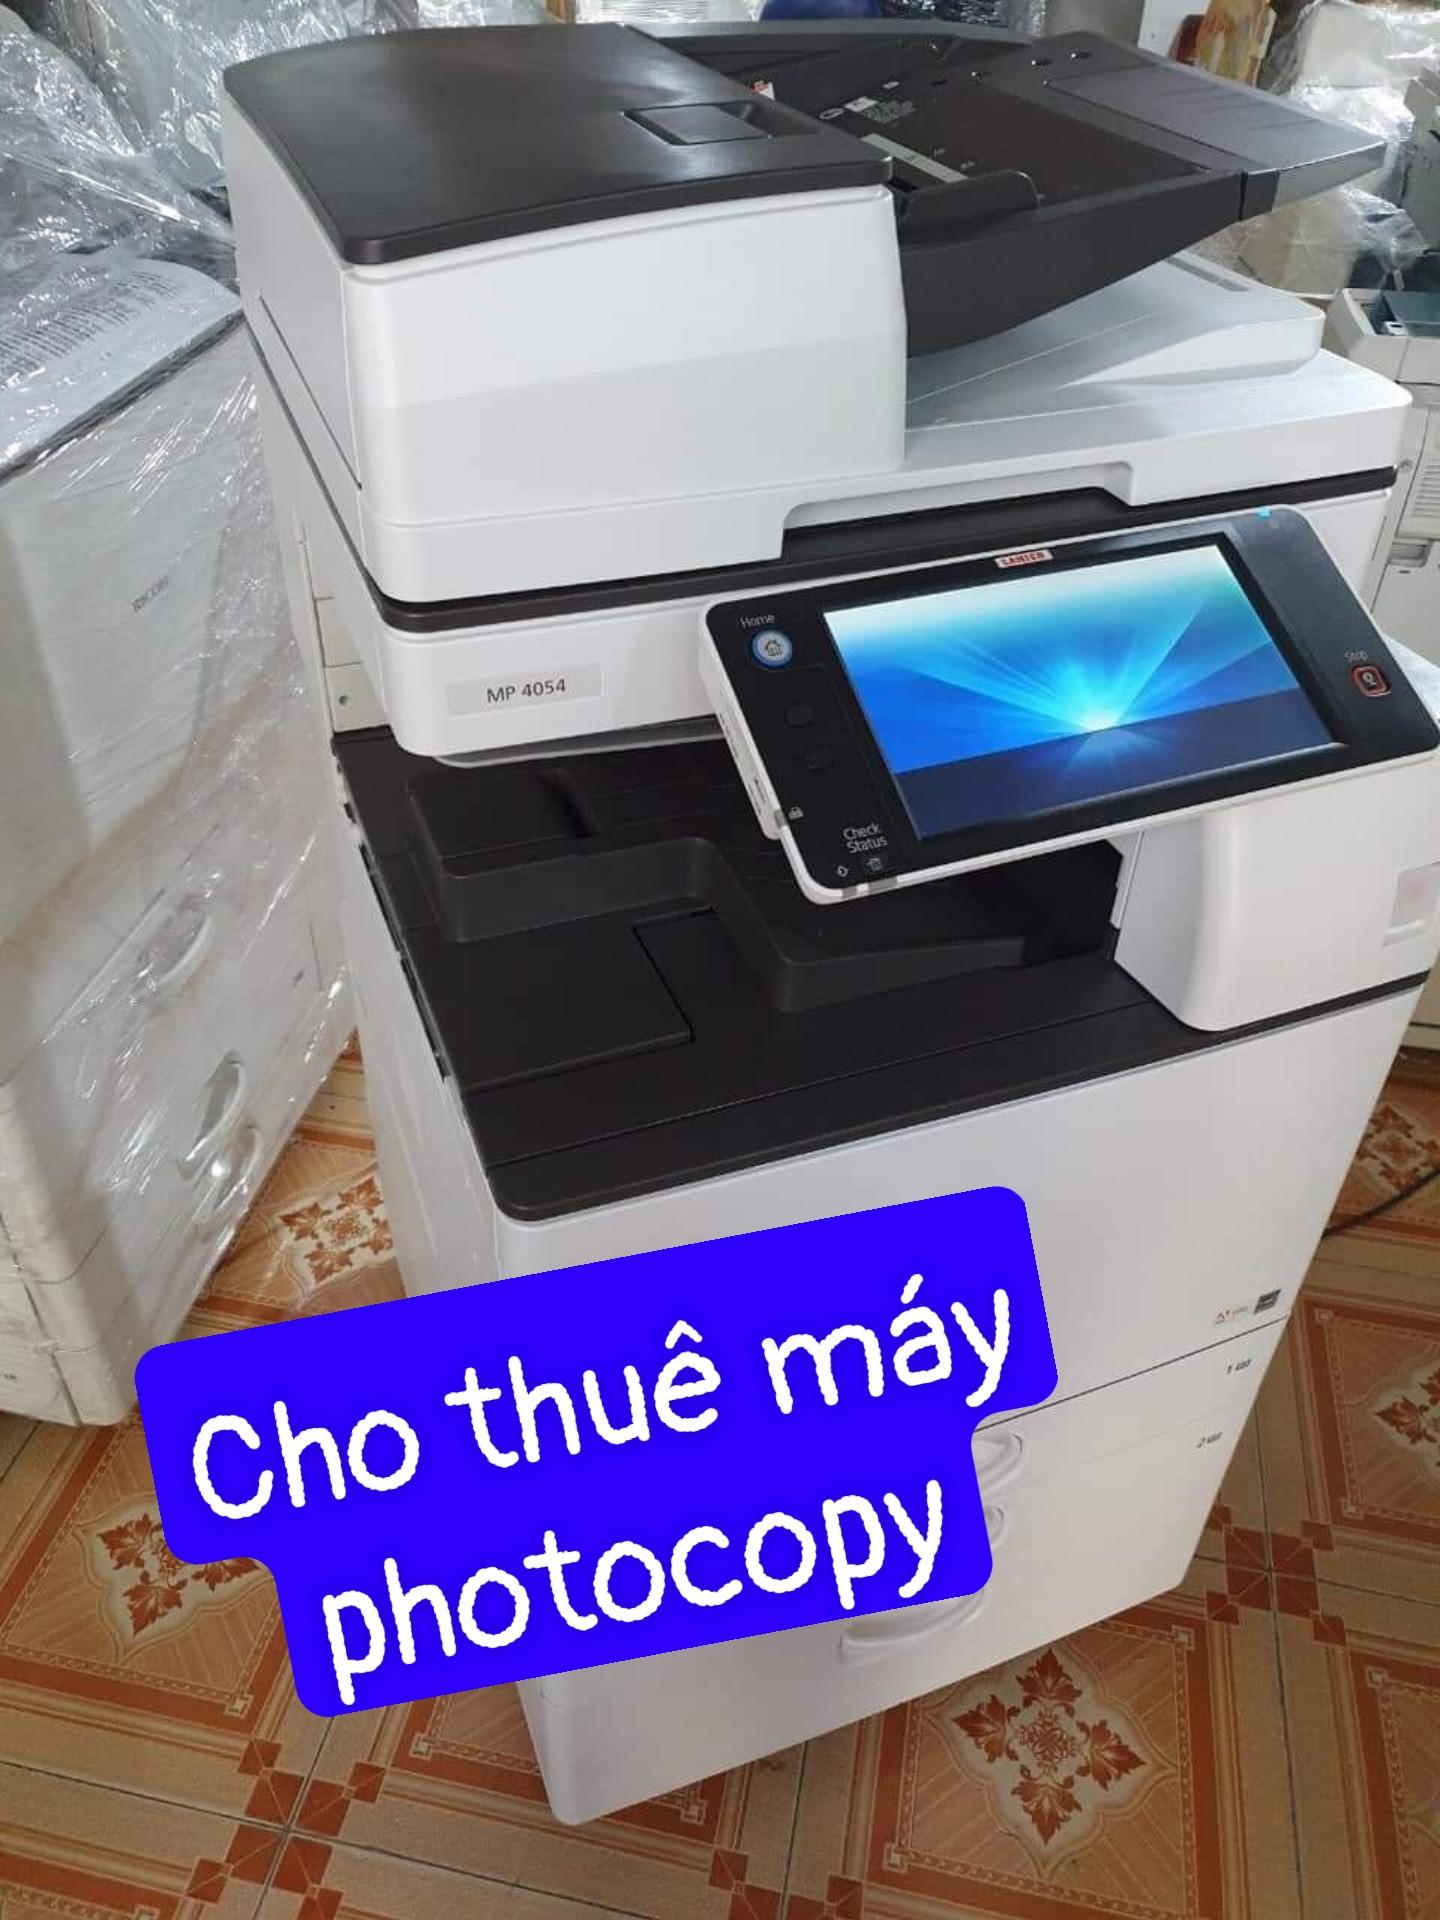 Cho thuê máy photocopy ricoh mp 4055/5055